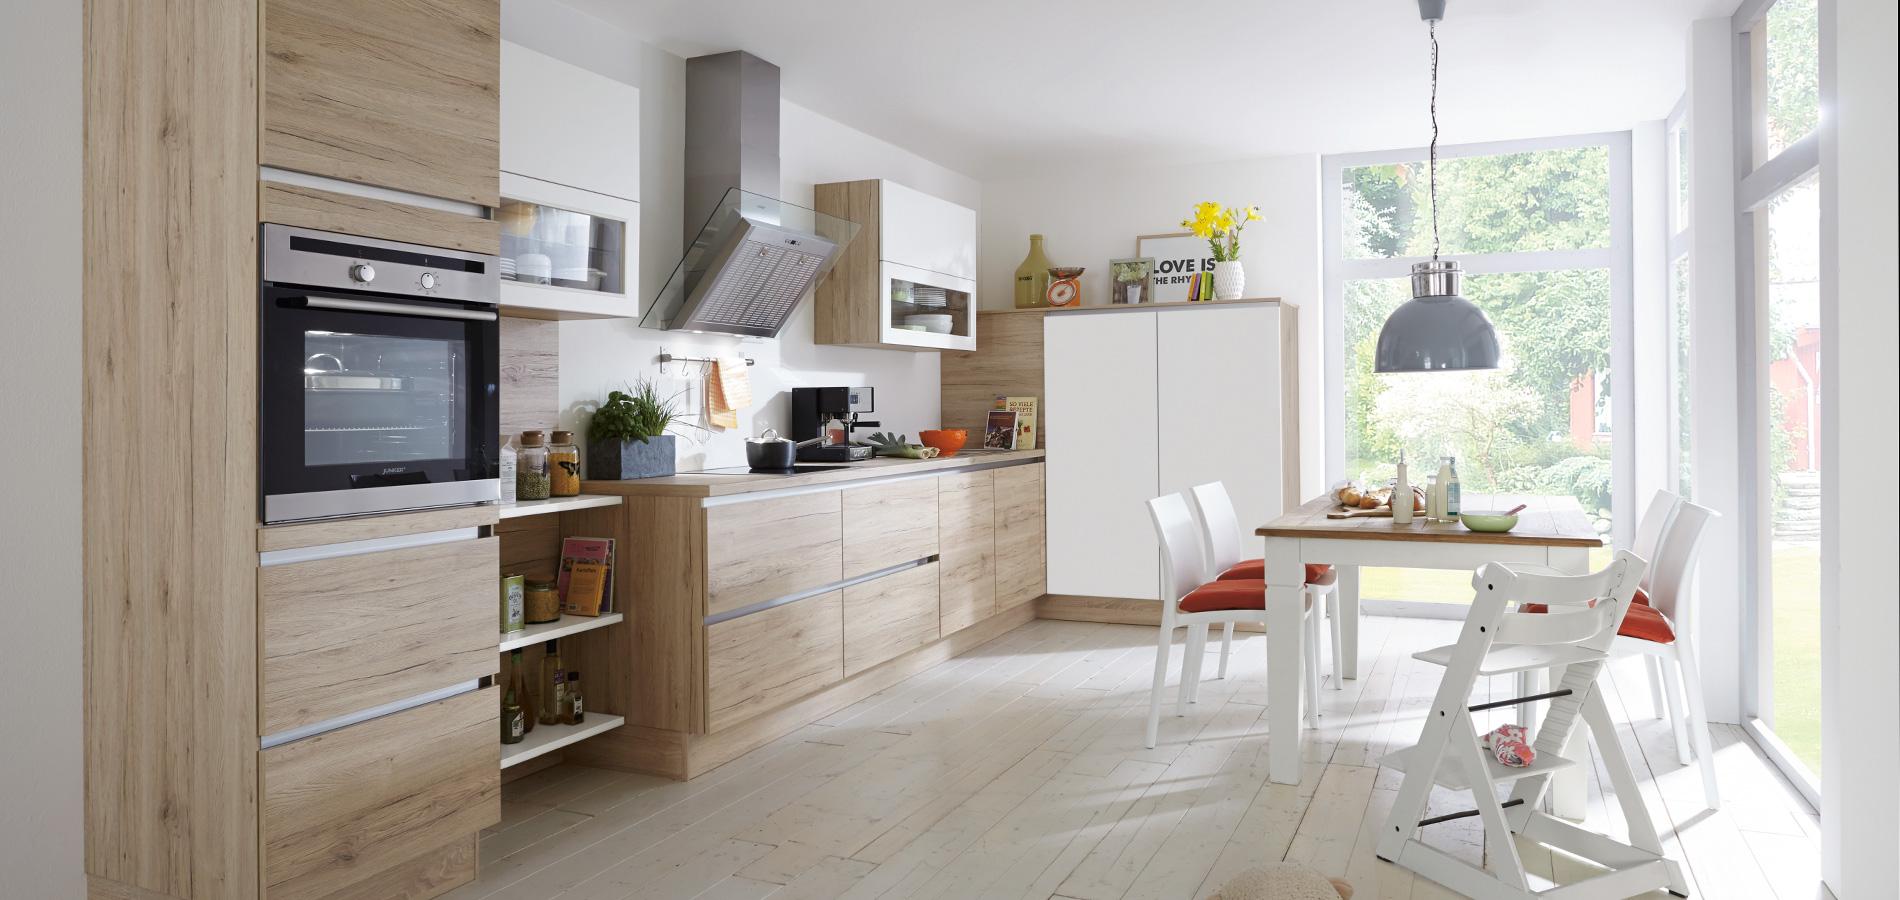 Meuble Tv Colonne Ikea comment aménager une cuisine en longueur ? - madame figaro